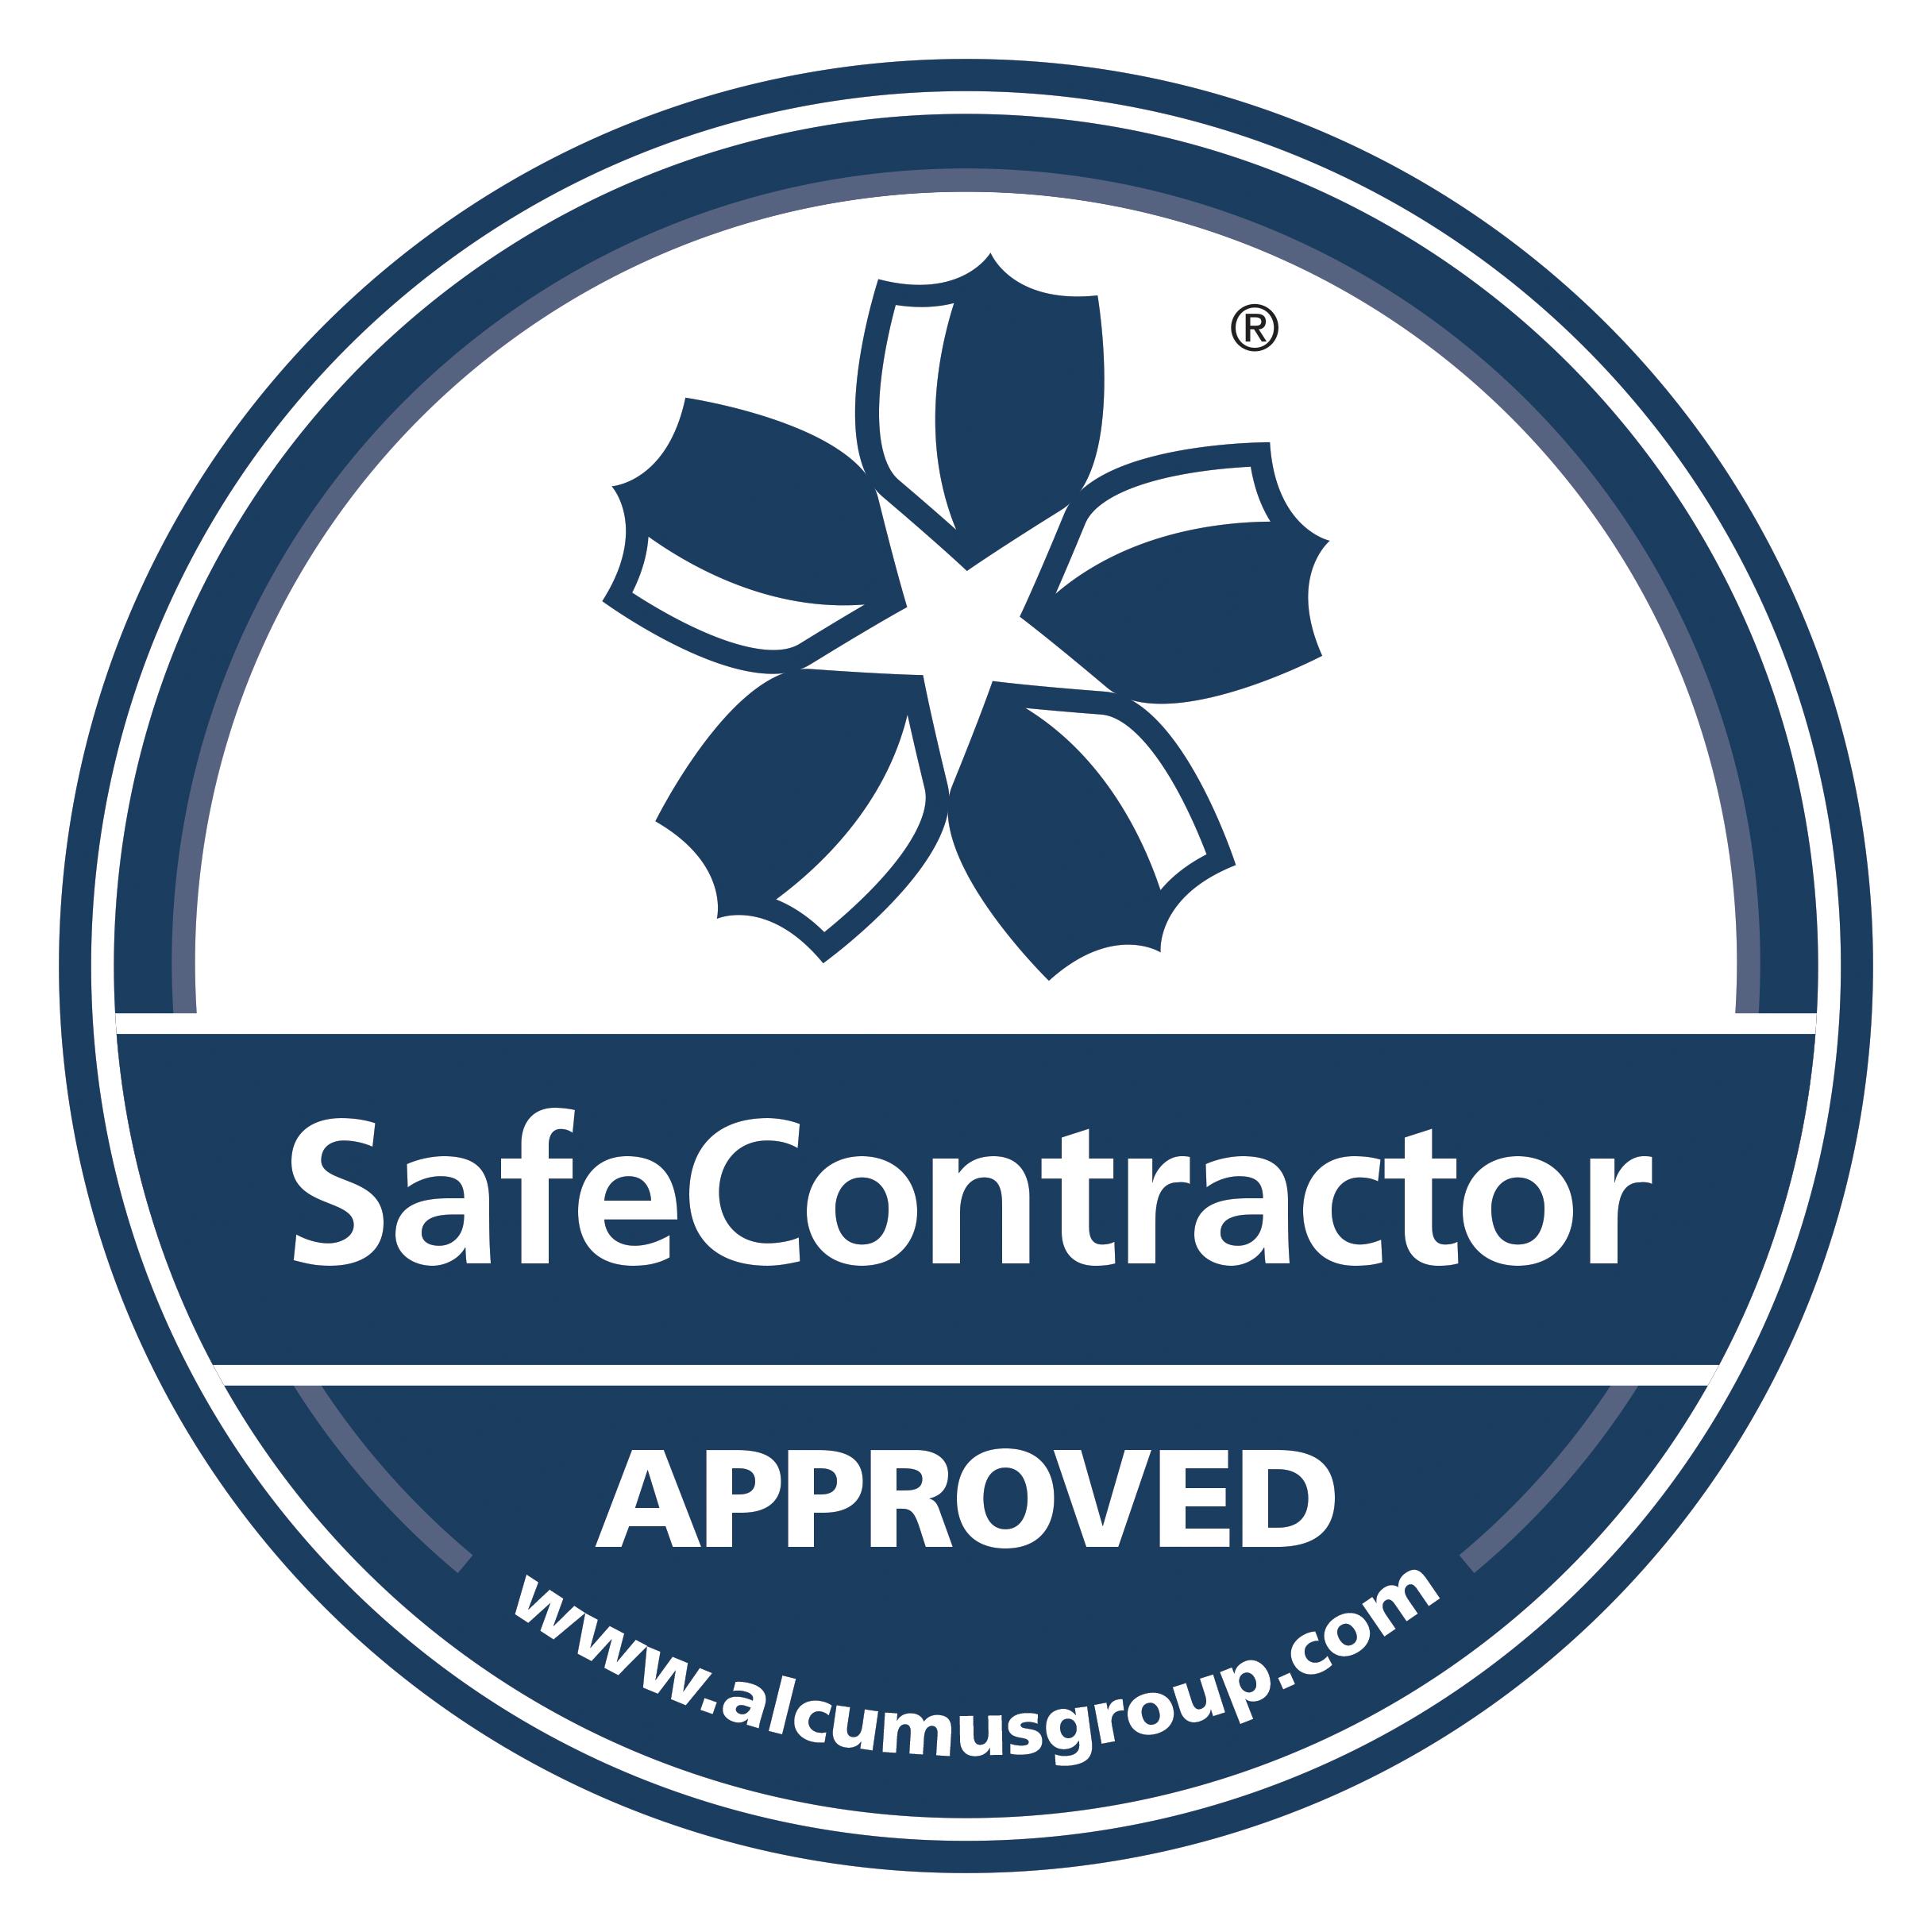 plumbing and heating JCW Saunders safecontractor